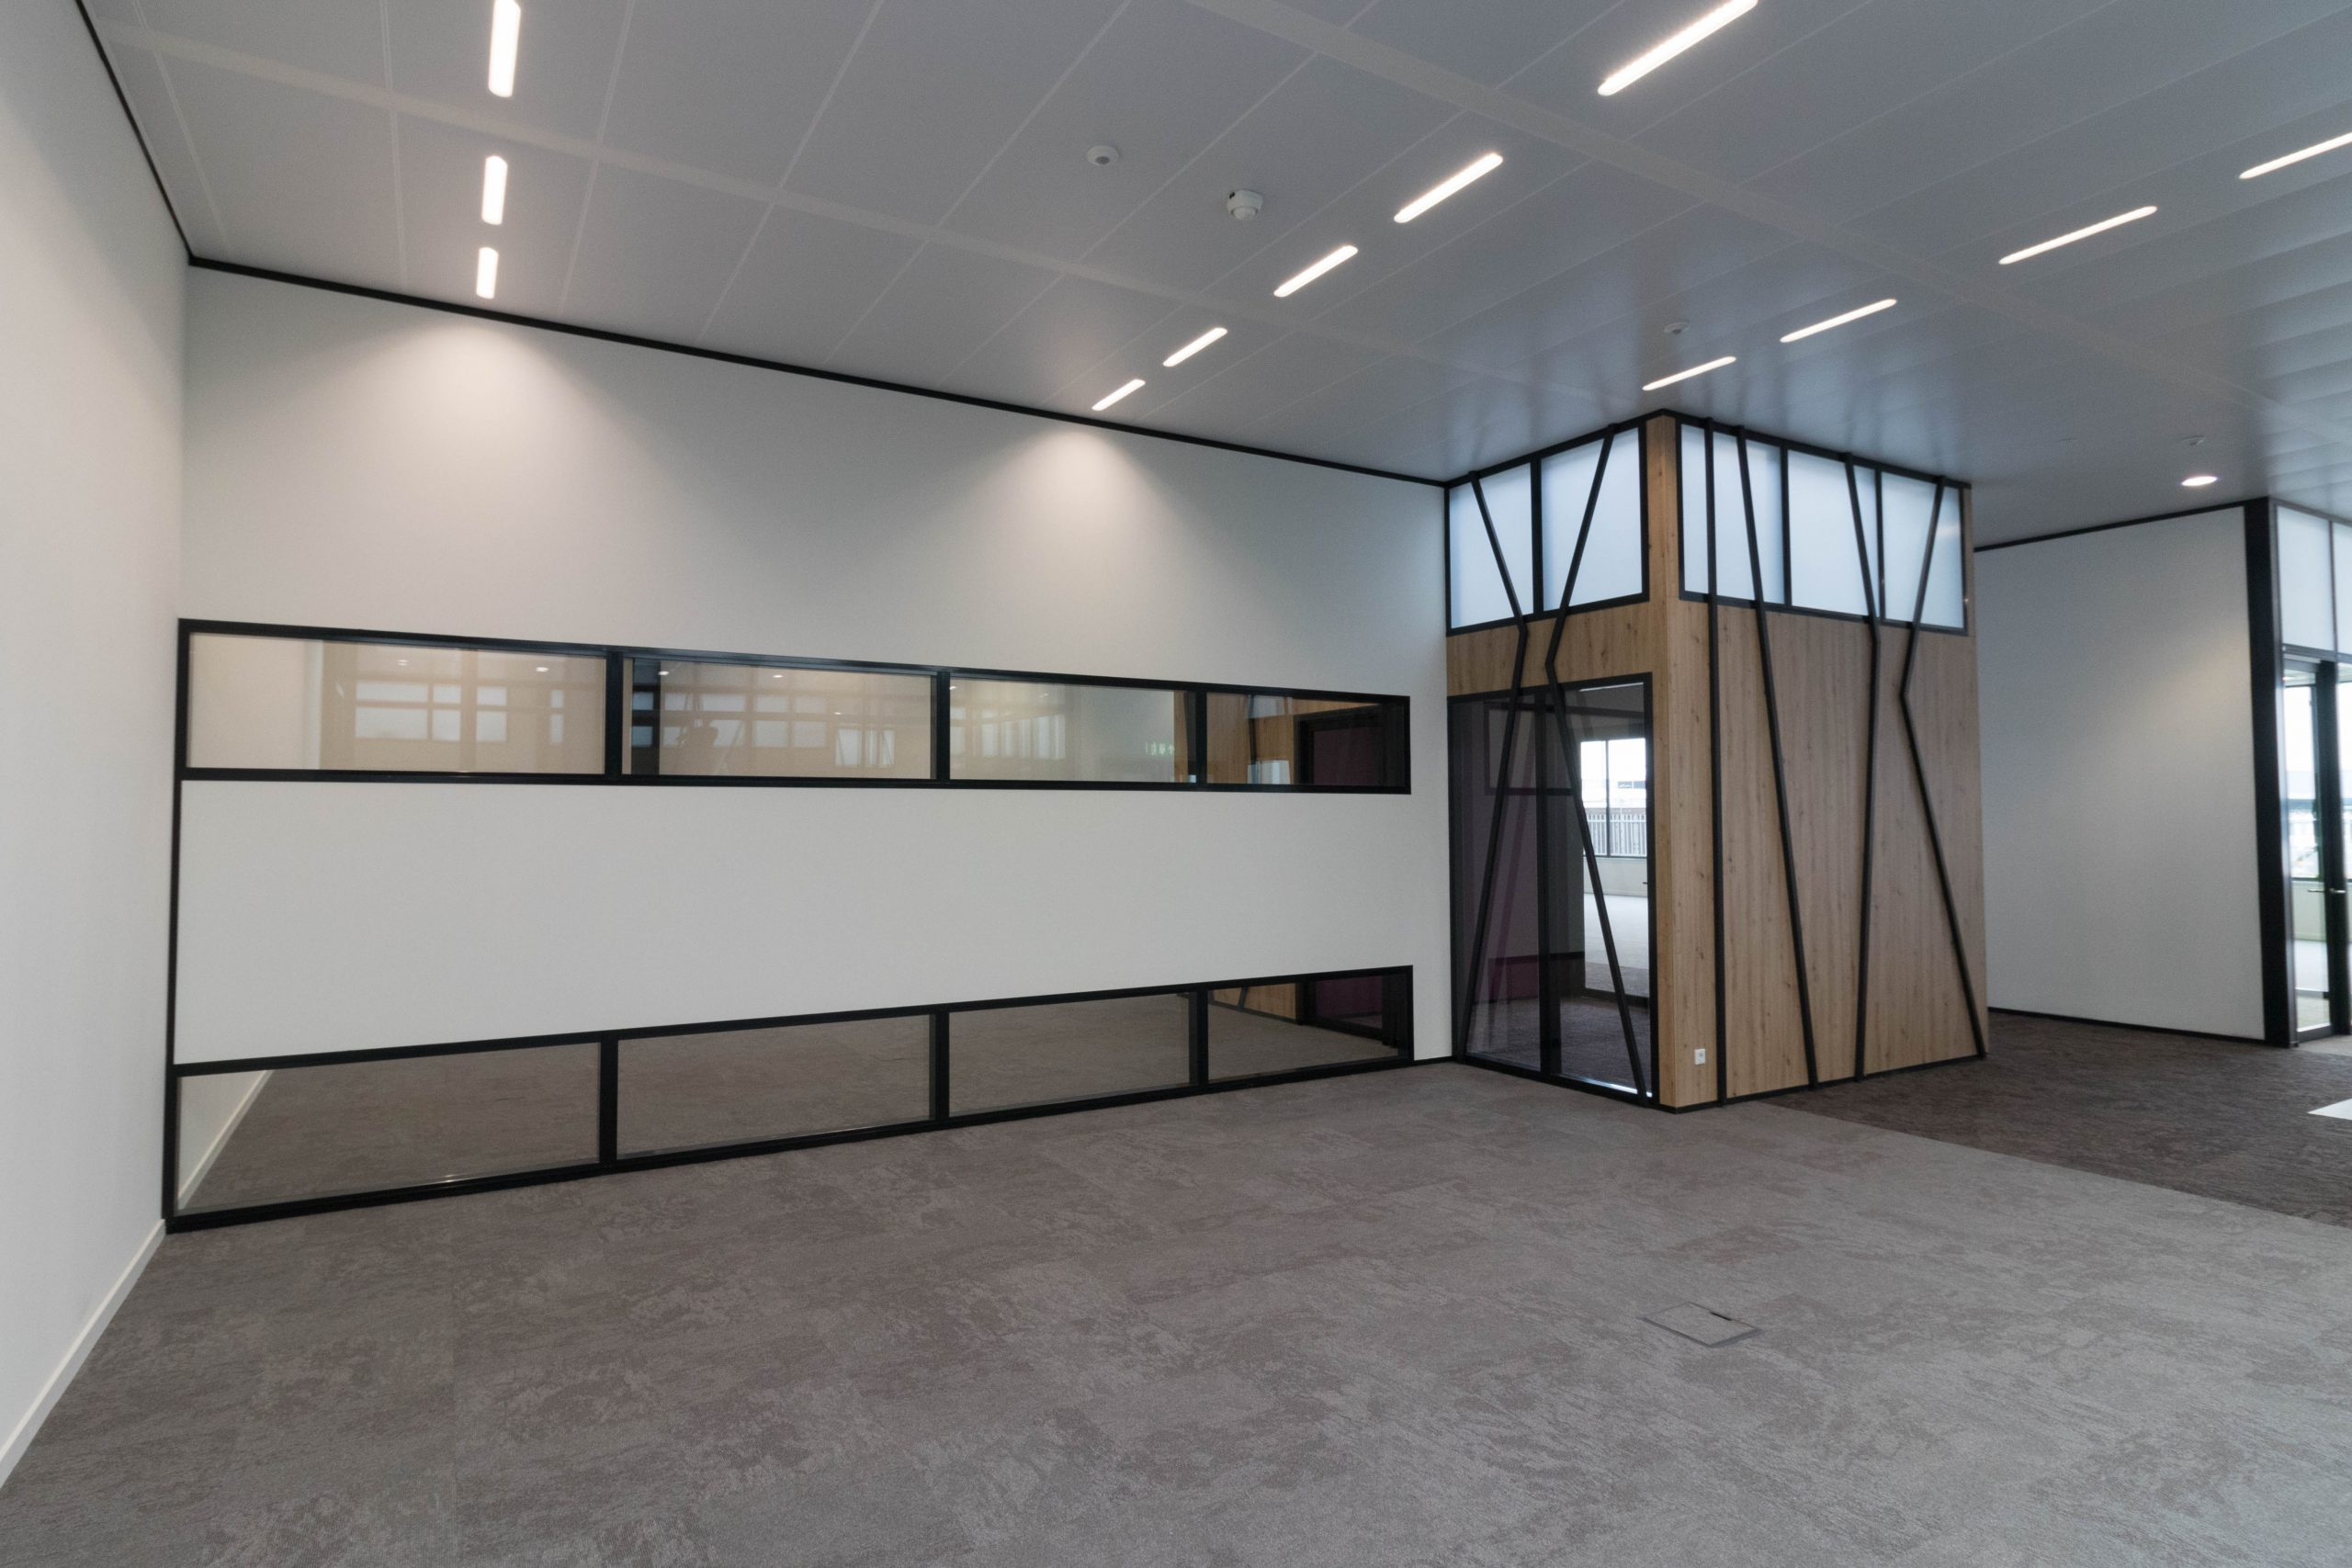 Systeemwanden Meppel gallery